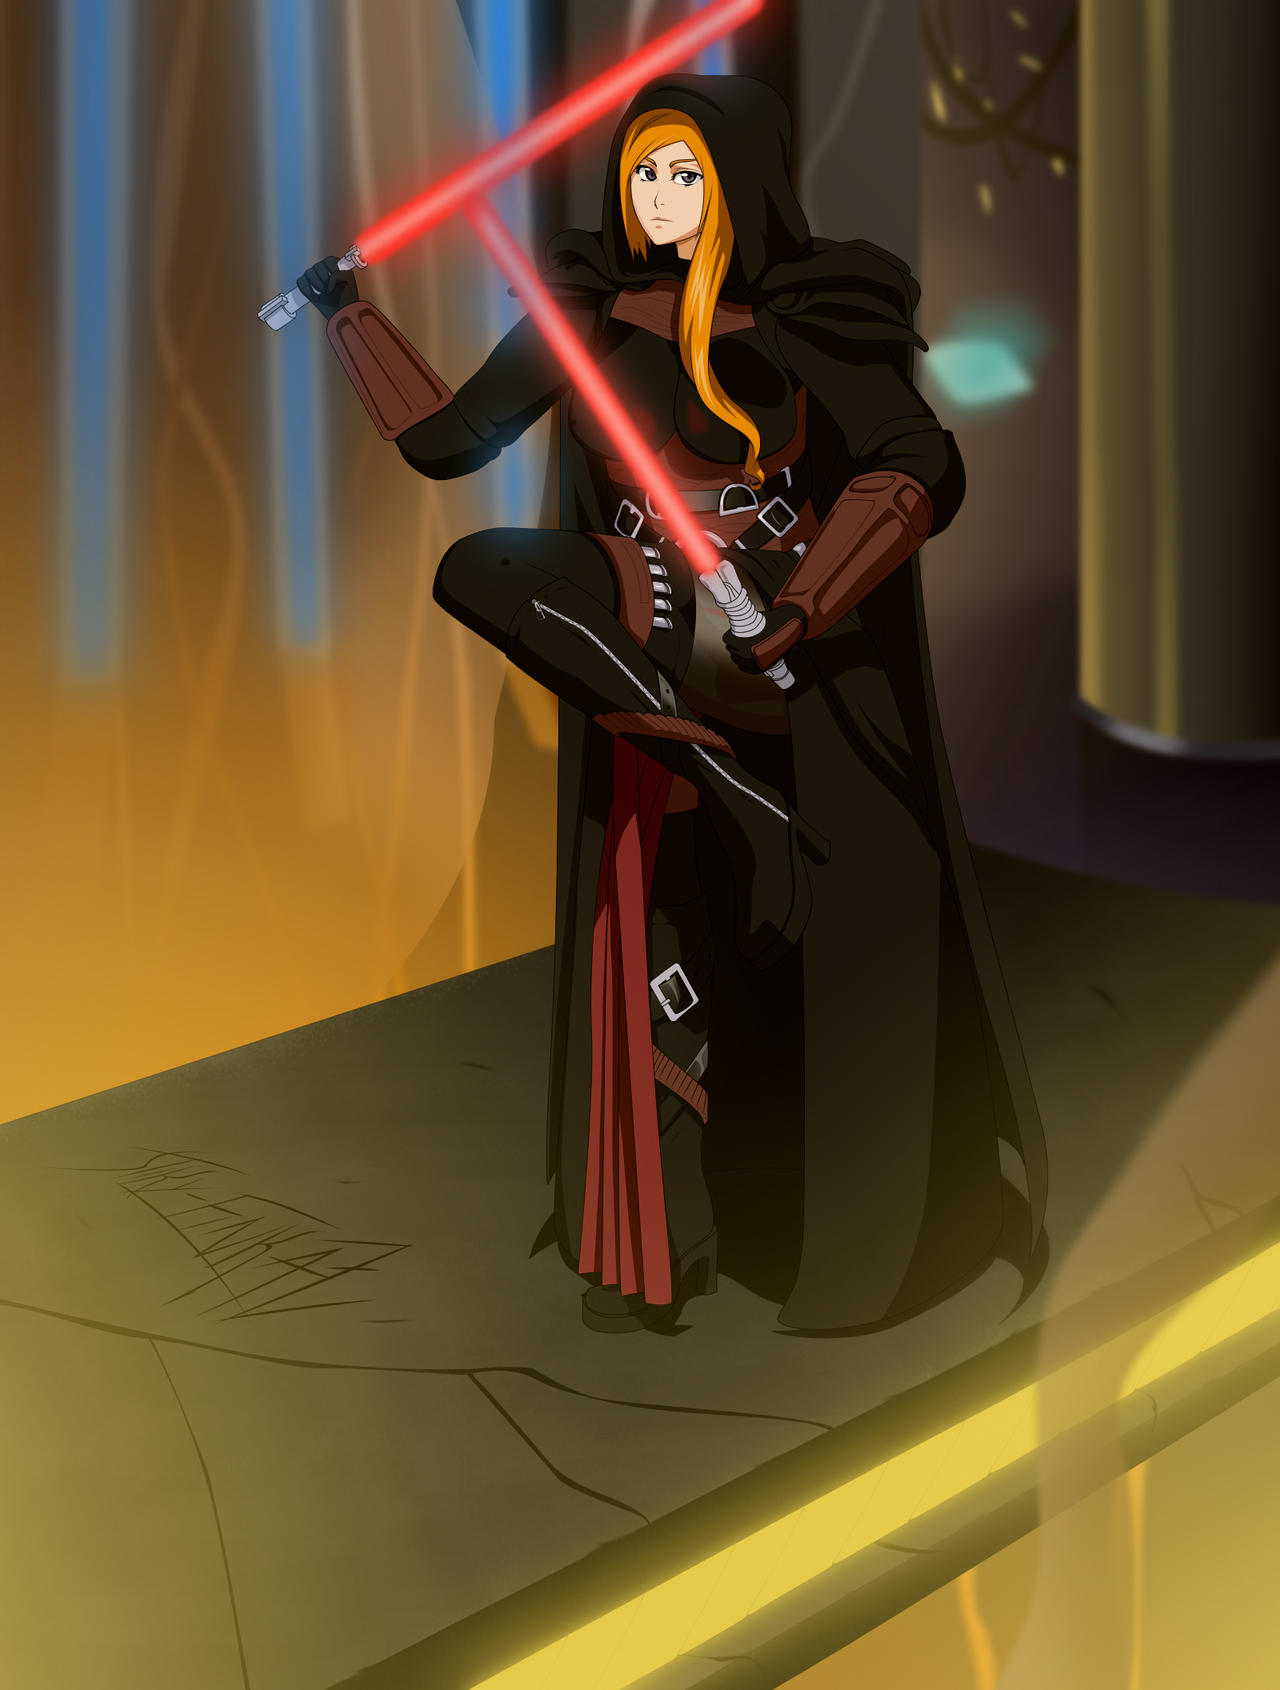 Darth Revan Orihime Princess_of_Hoenn by StikyfinkaZ-003